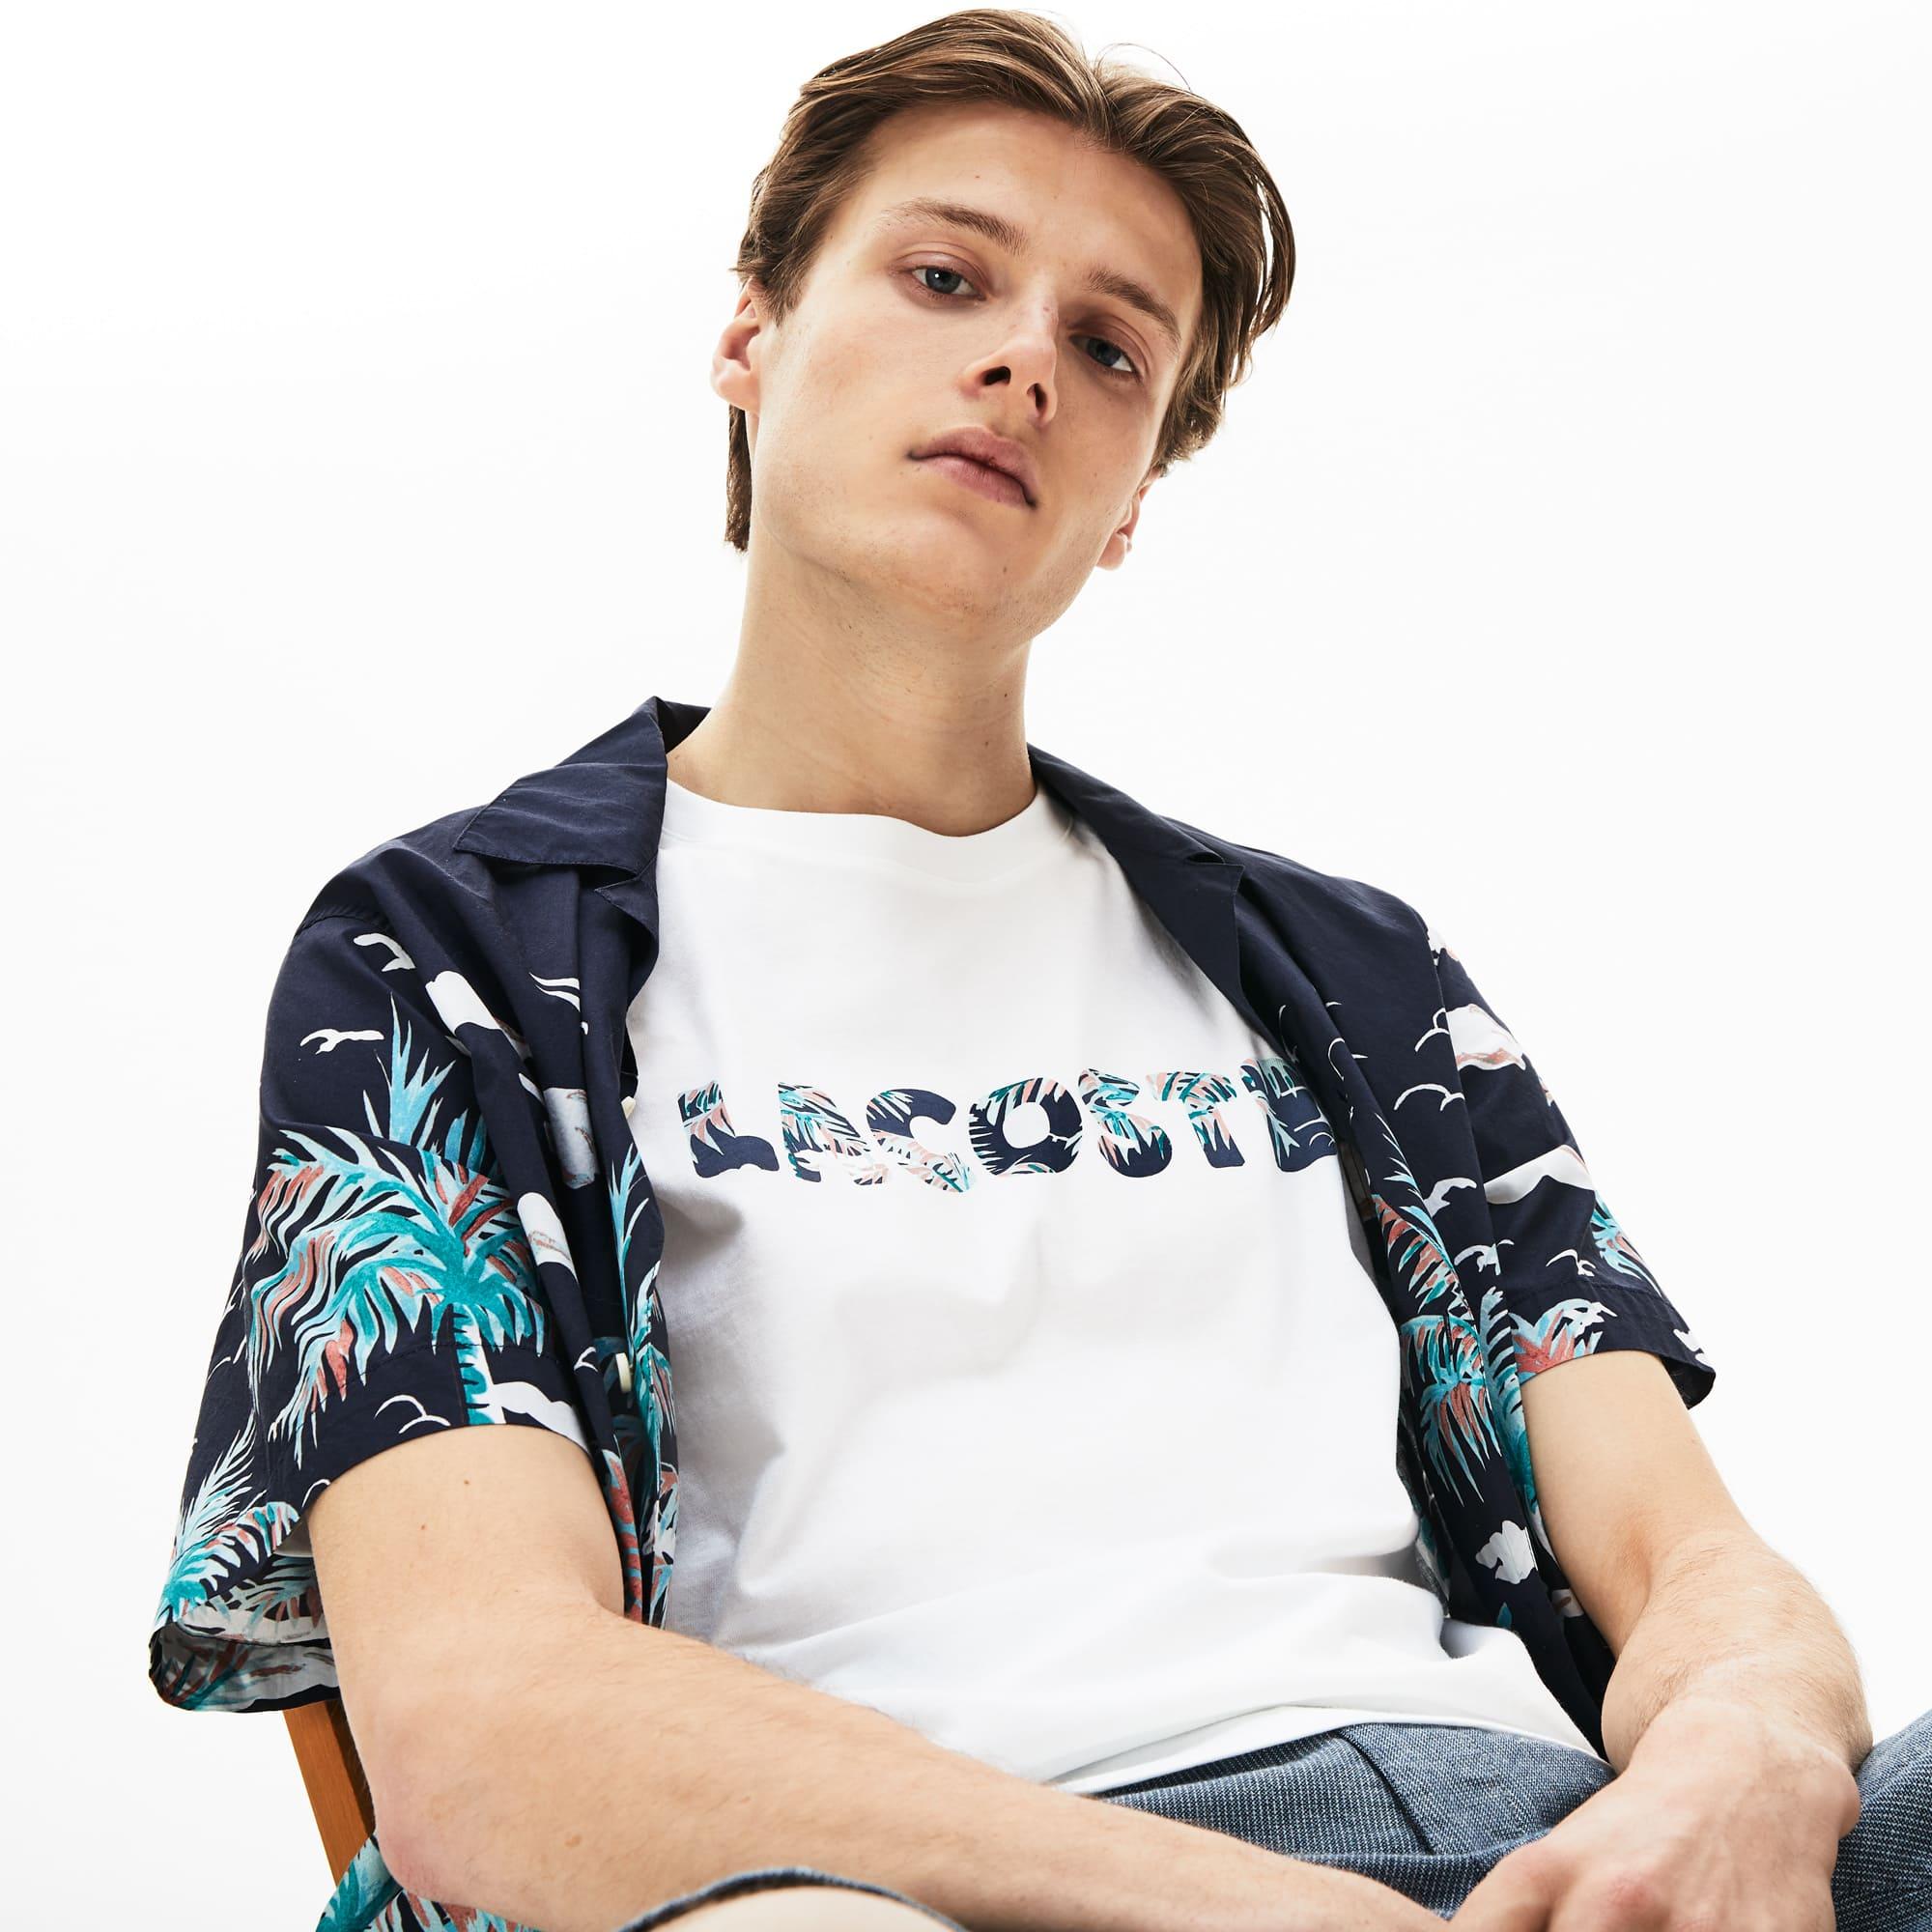 c2e8c248 Men's T Shirts | Lacoste T Shirts | LACOSTE